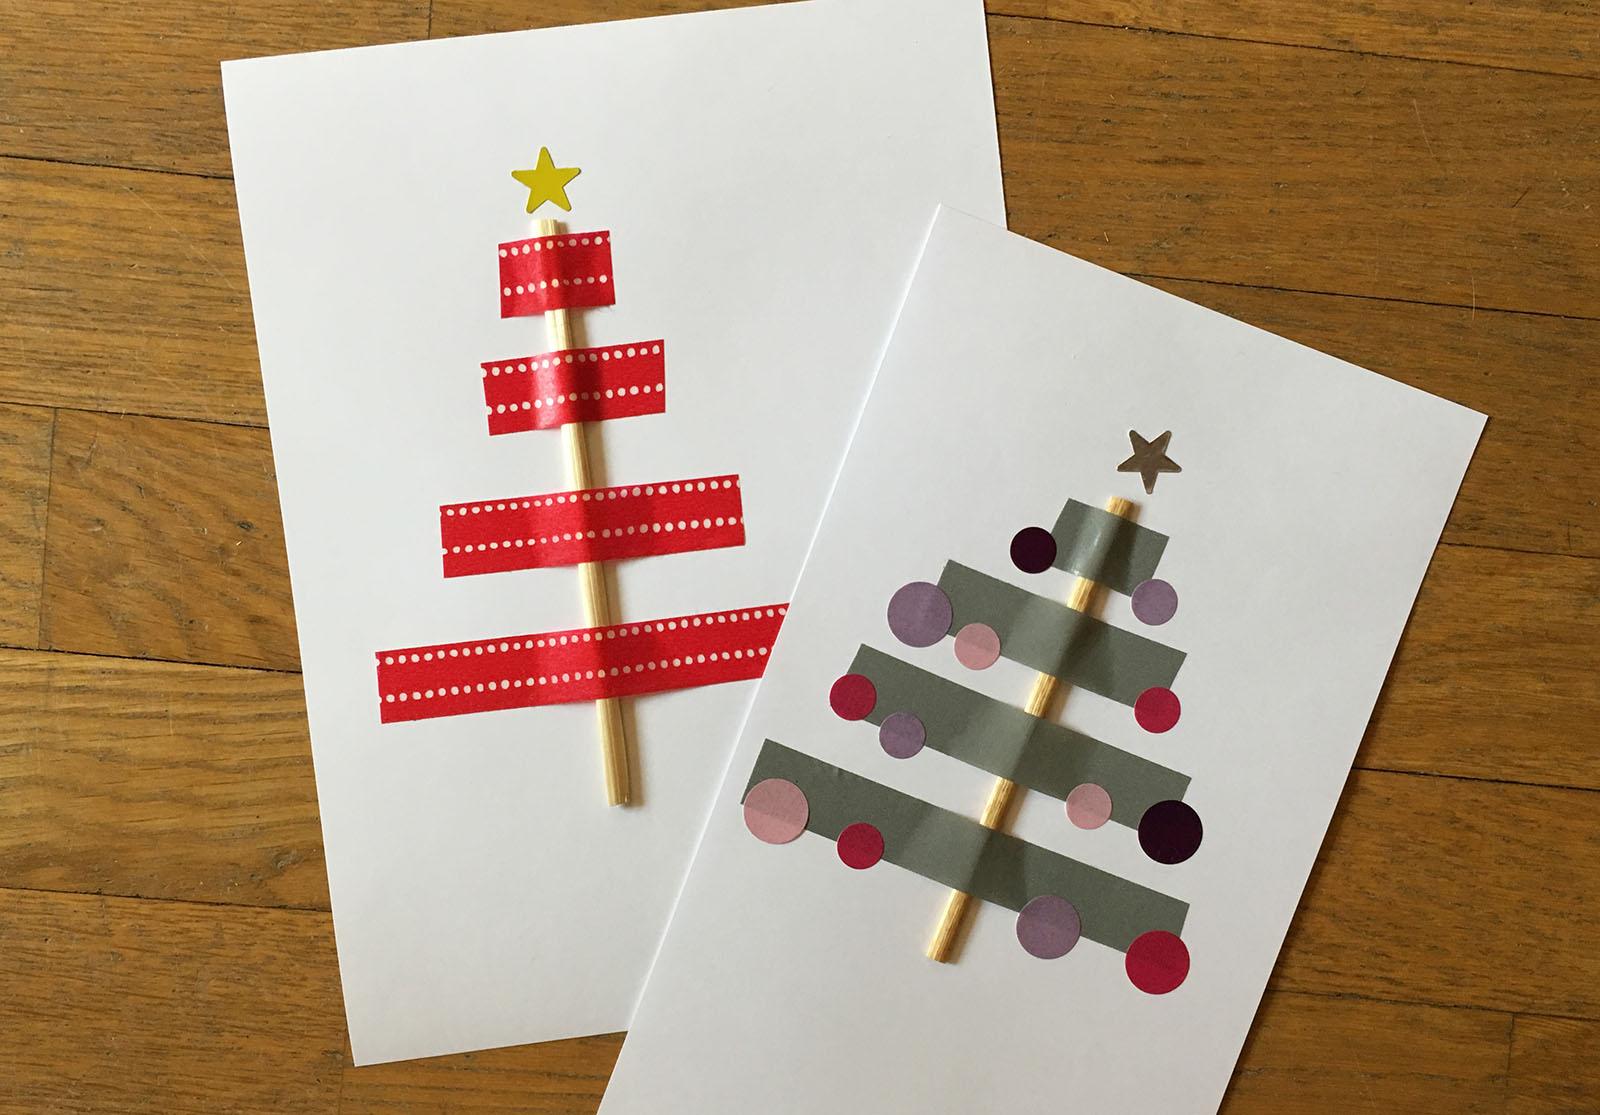 Activité Manuelle : La Carte Sapin De Noël - Family Sphere tout Activité Manuelle Noel 3 Ans